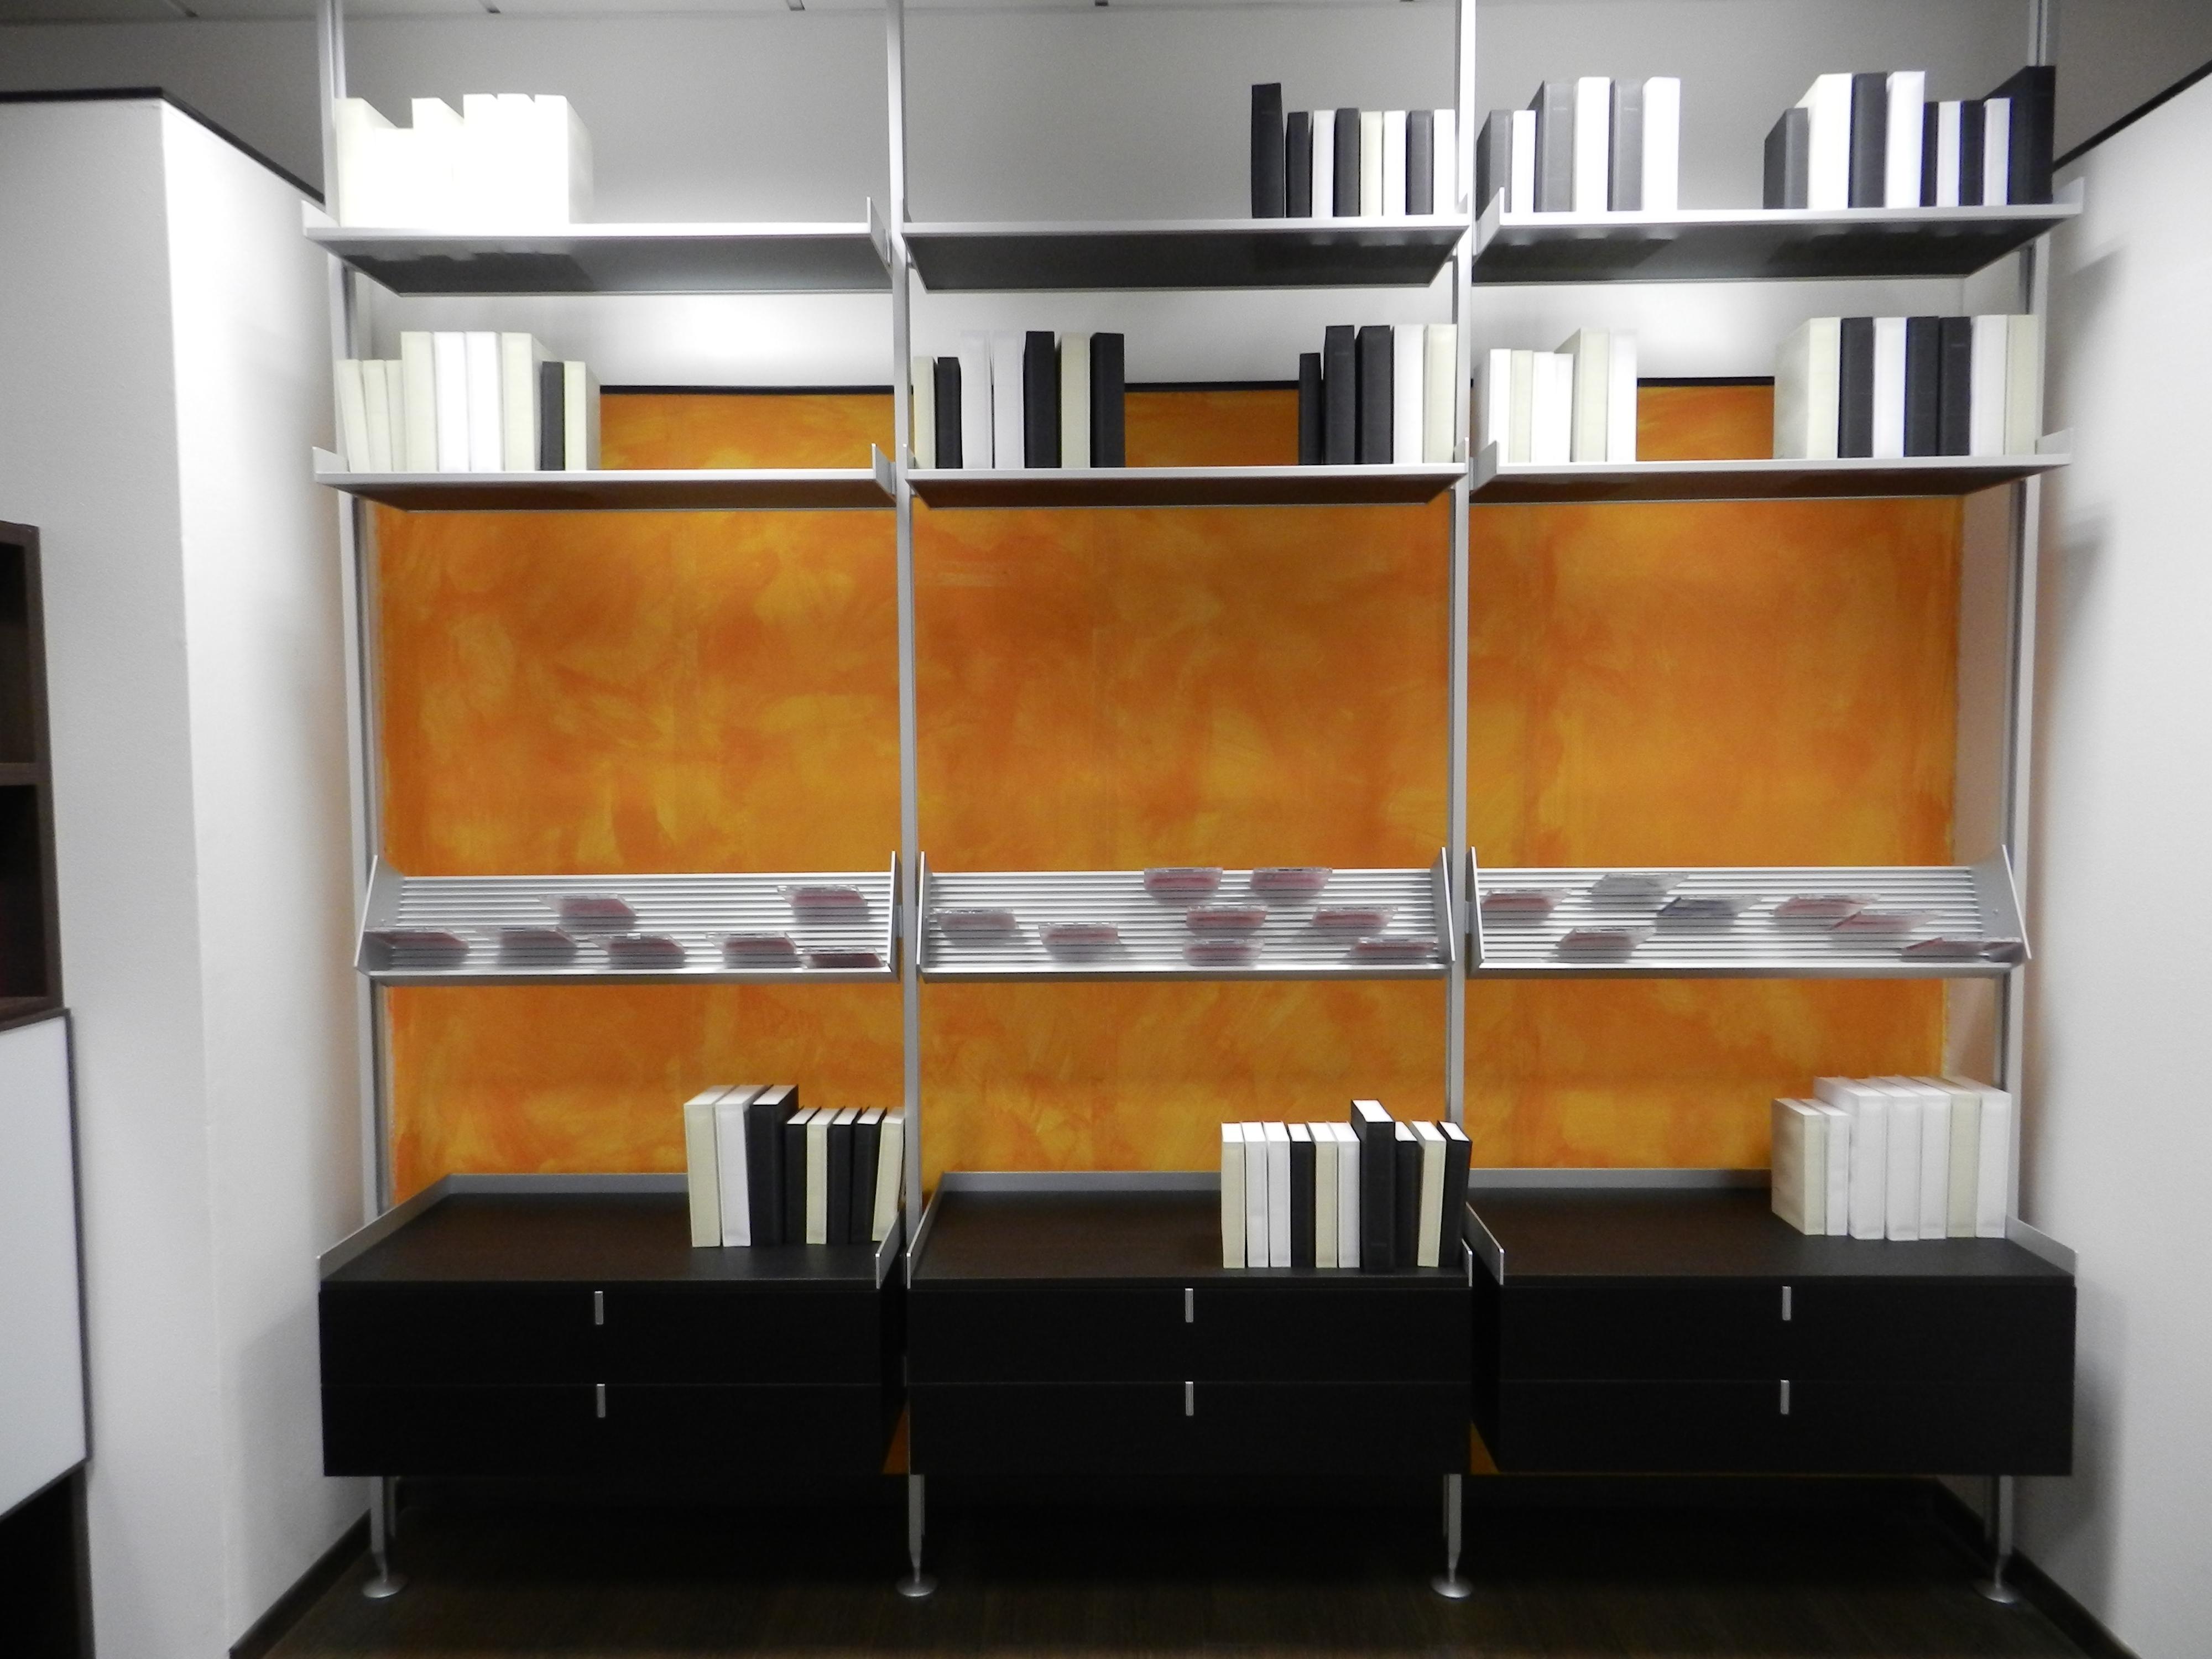 Soggiorno rimadesio zenit vetro librerie moderno for Libreria soggiorno moderno